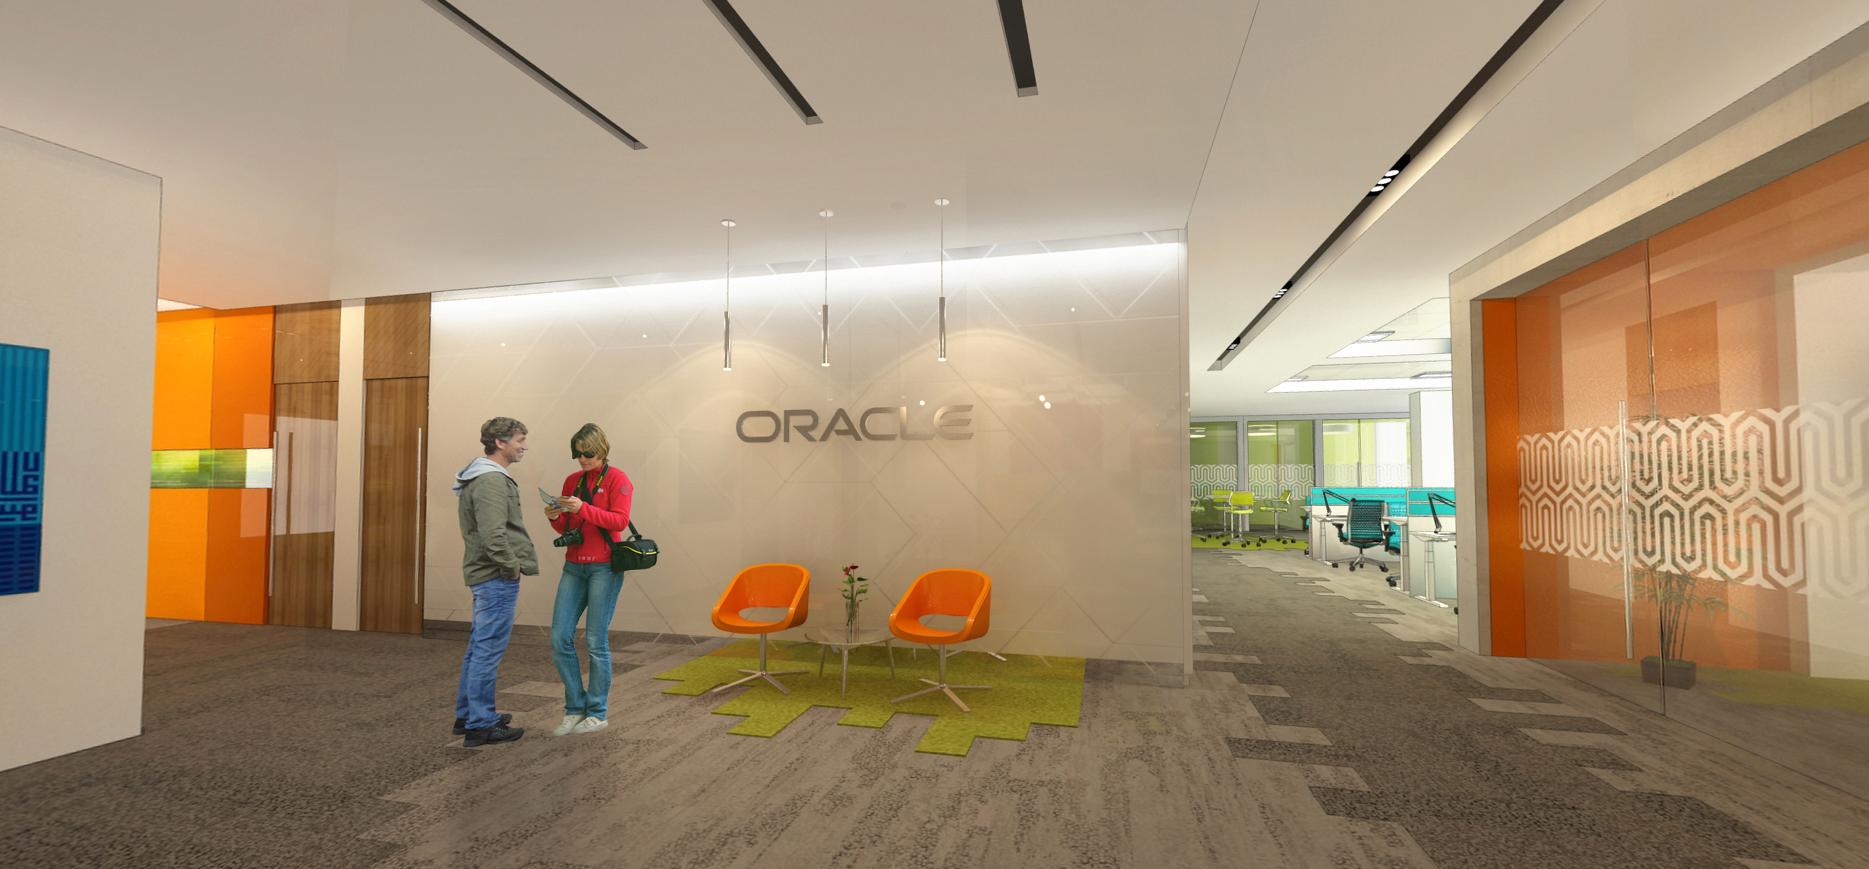 Oracle06